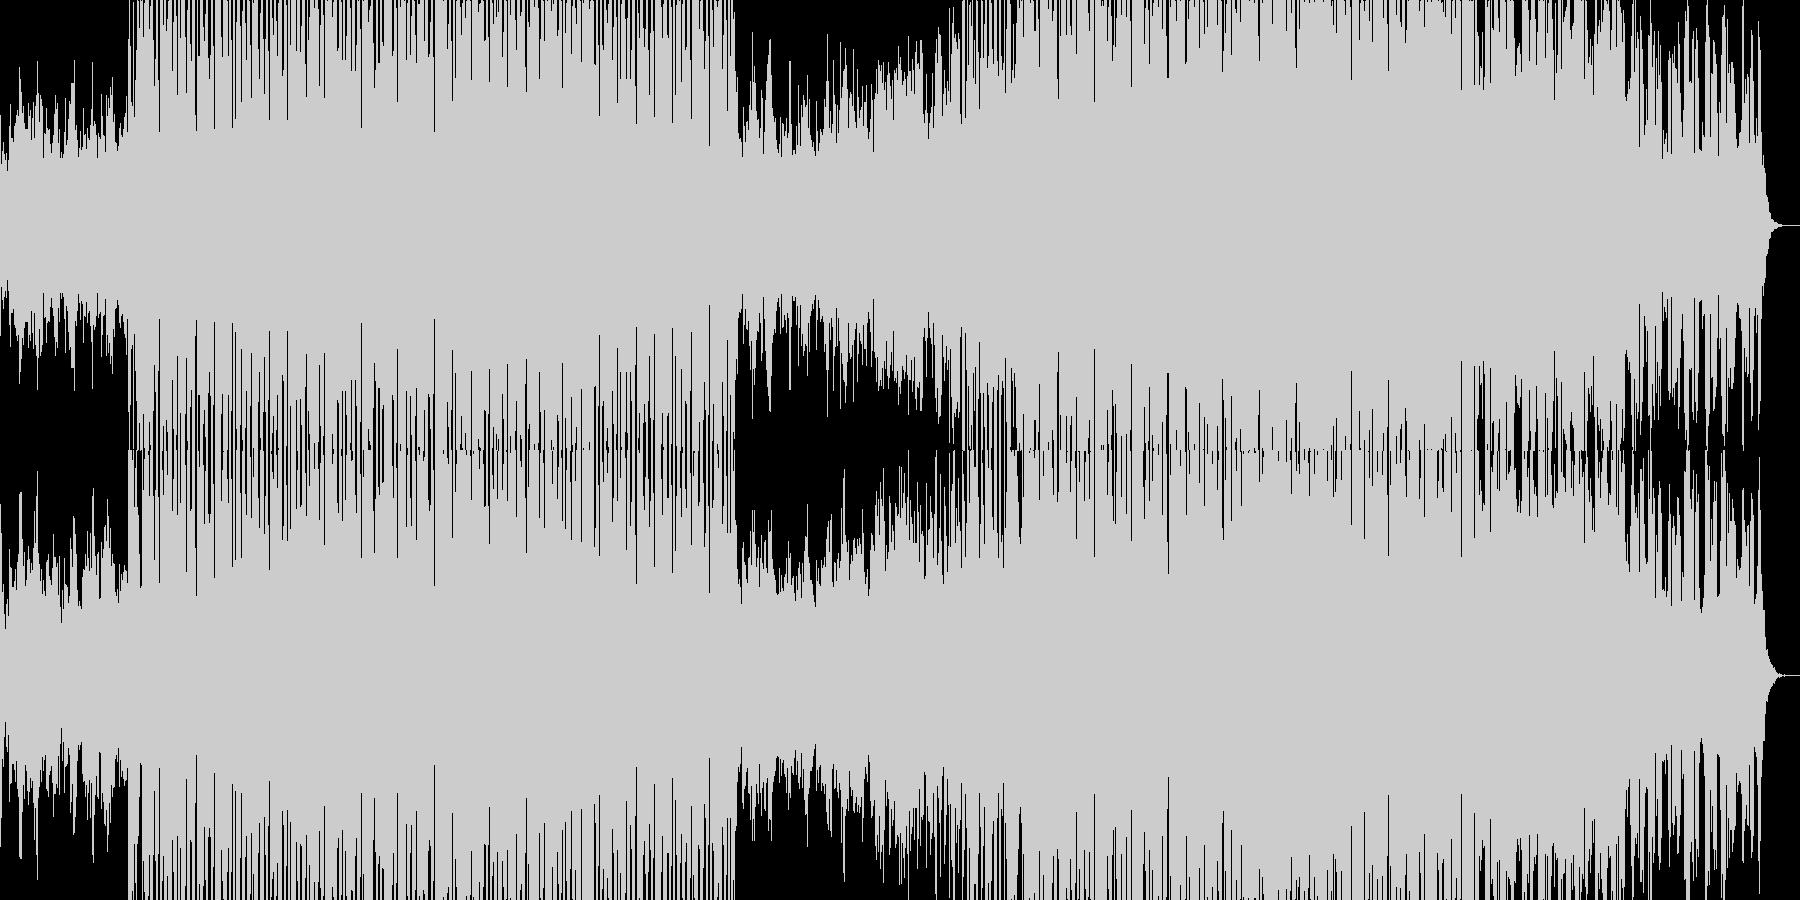 明るいチルアウトミュージック。の未再生の波形